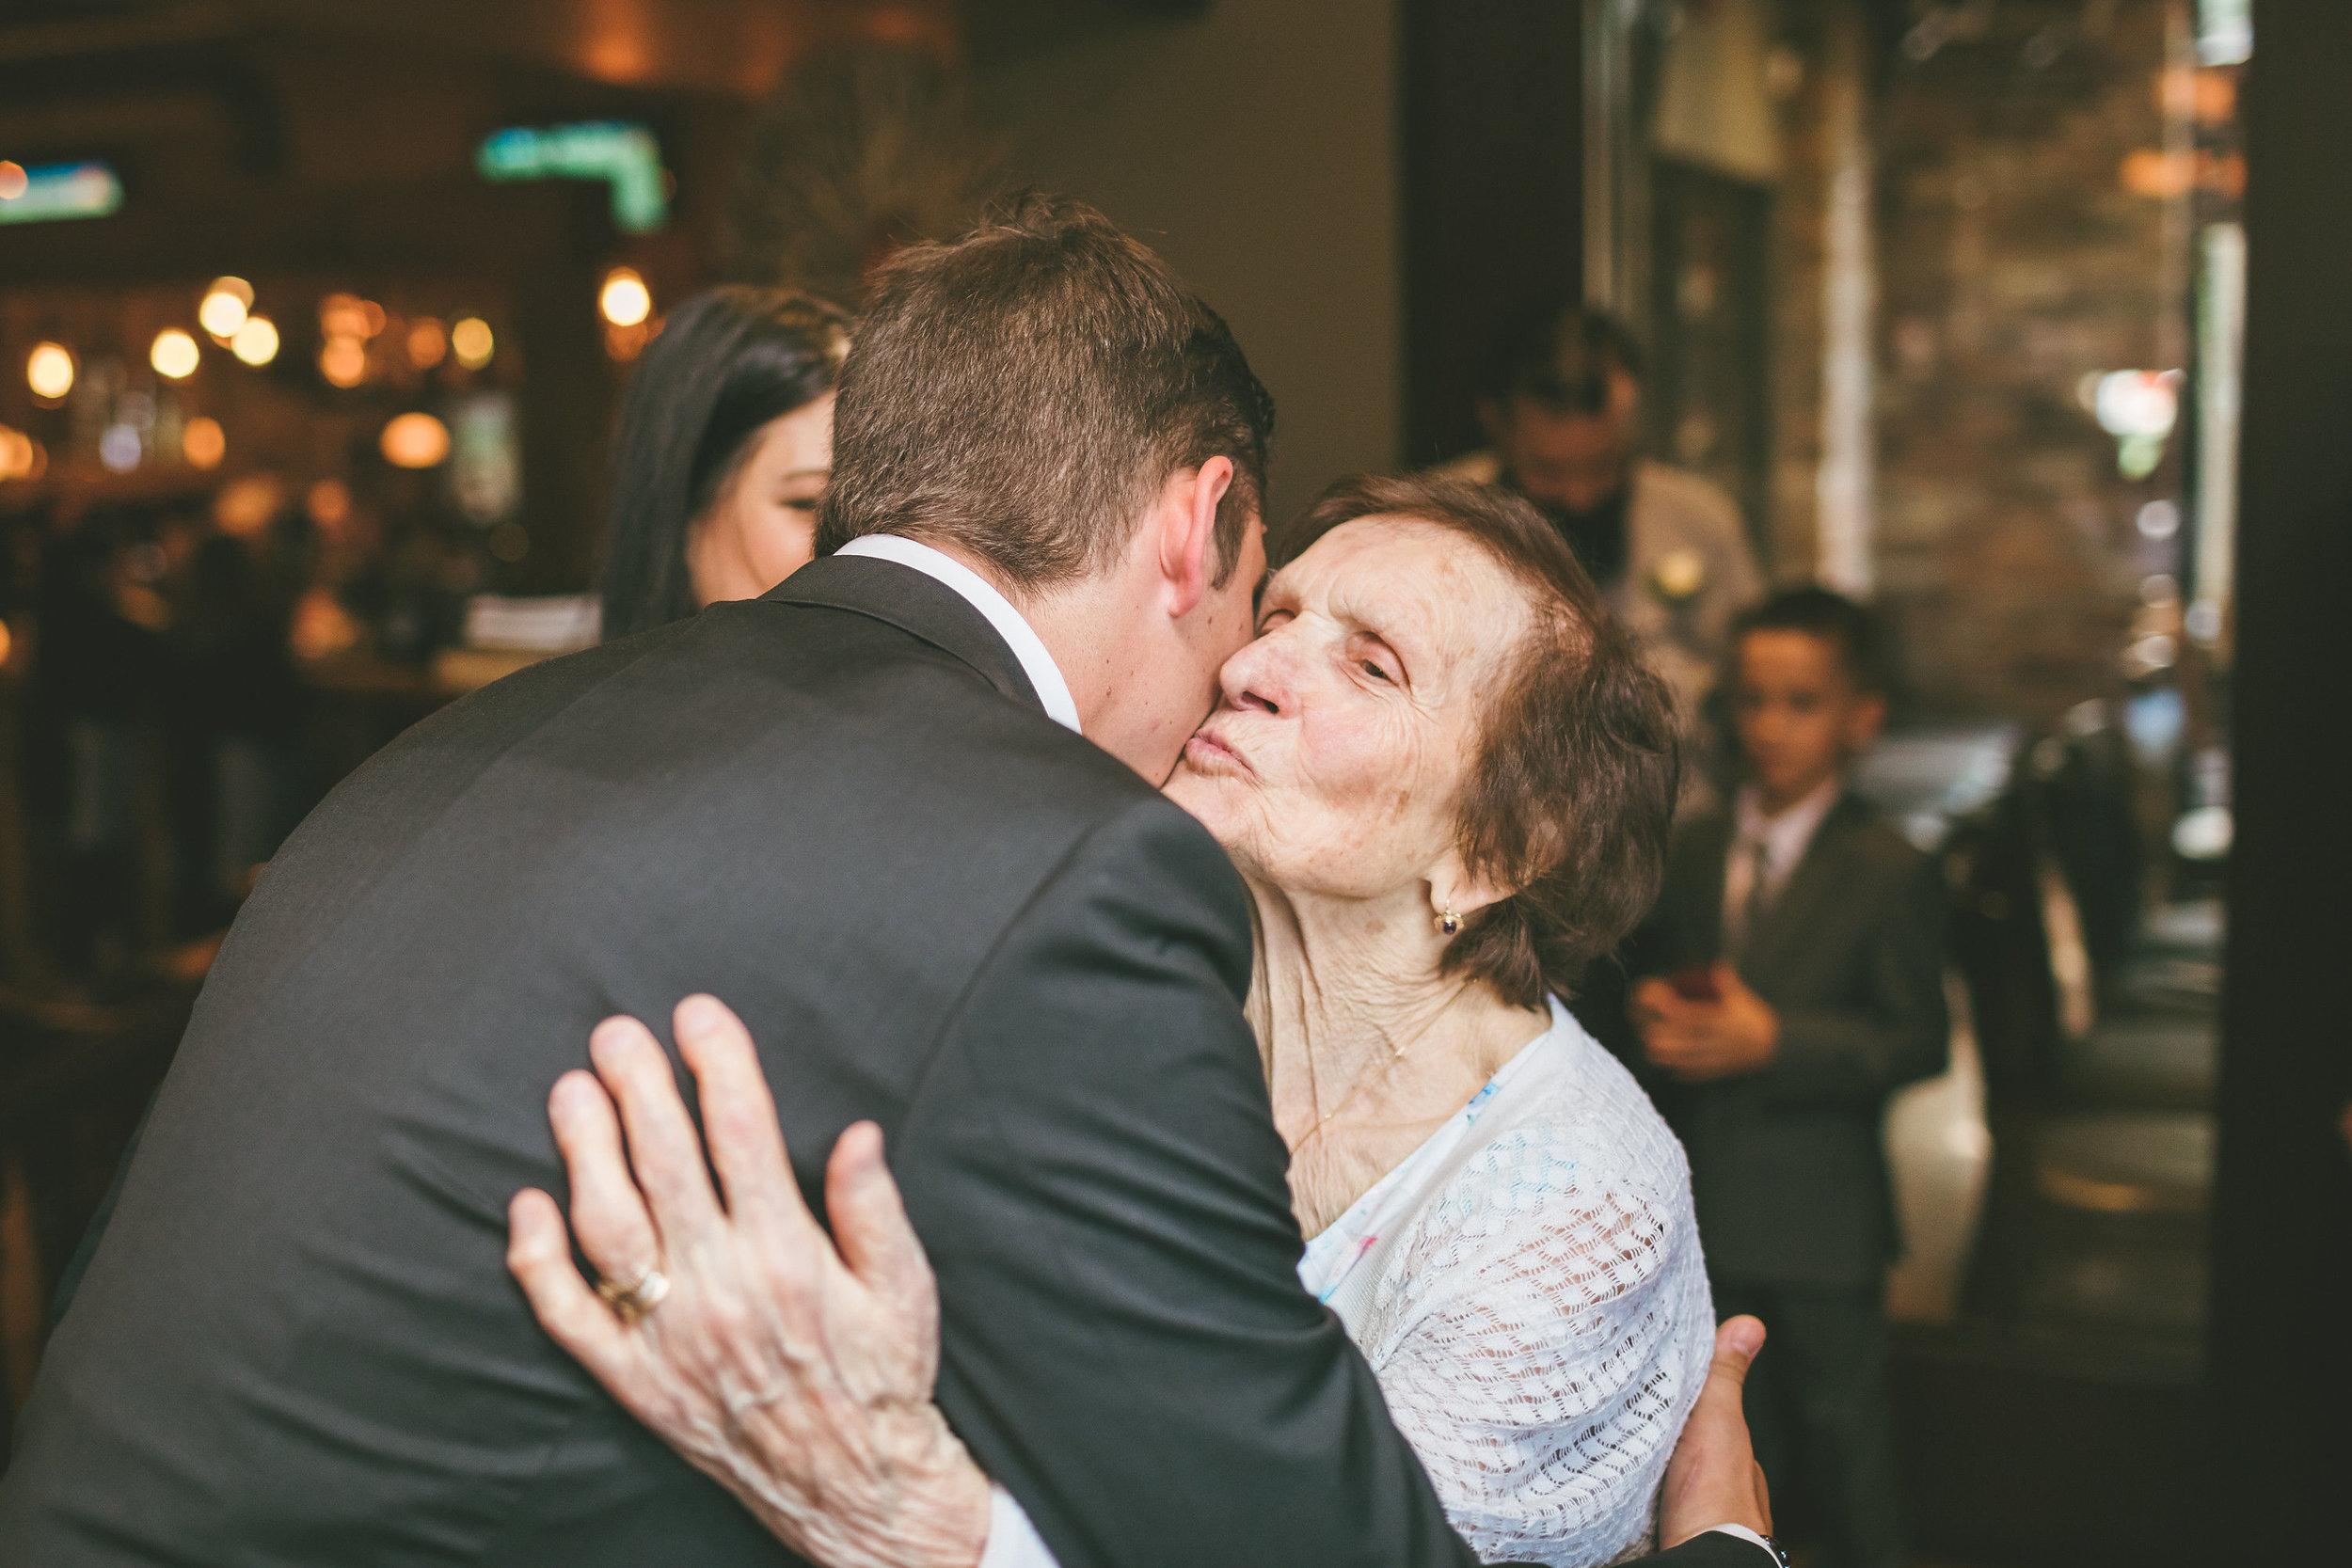 julie___kyle_wedding___lifesreel_danielcaruso___0348.jpg